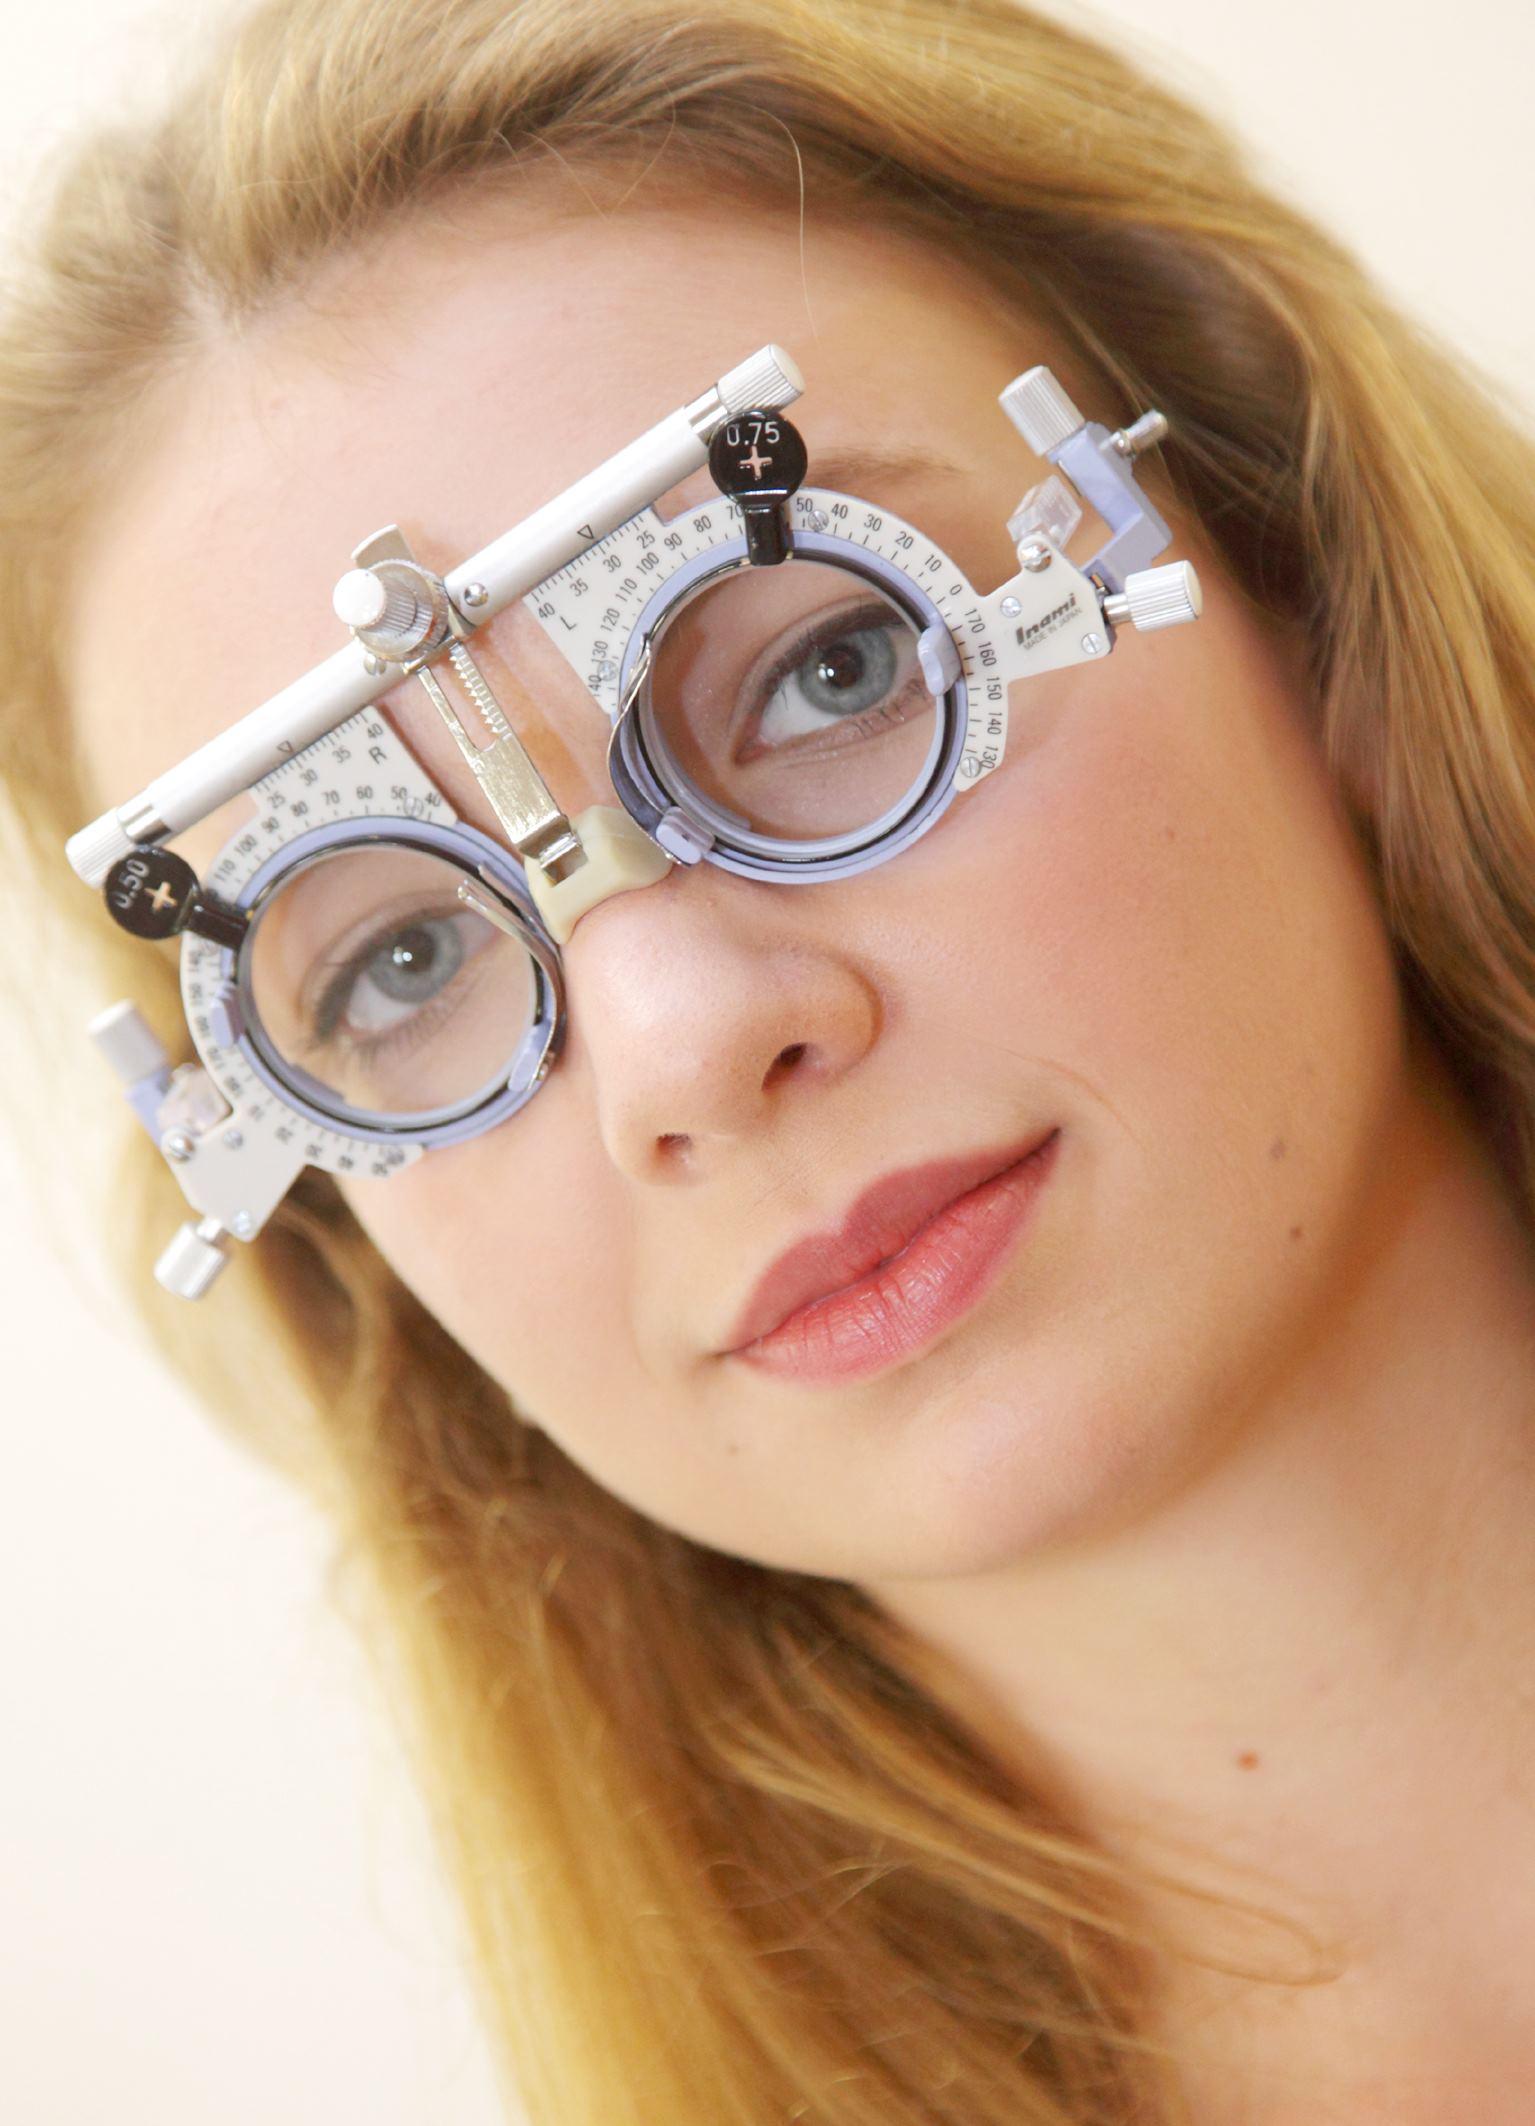 Schabracke mit Brille abgefickt und besamt